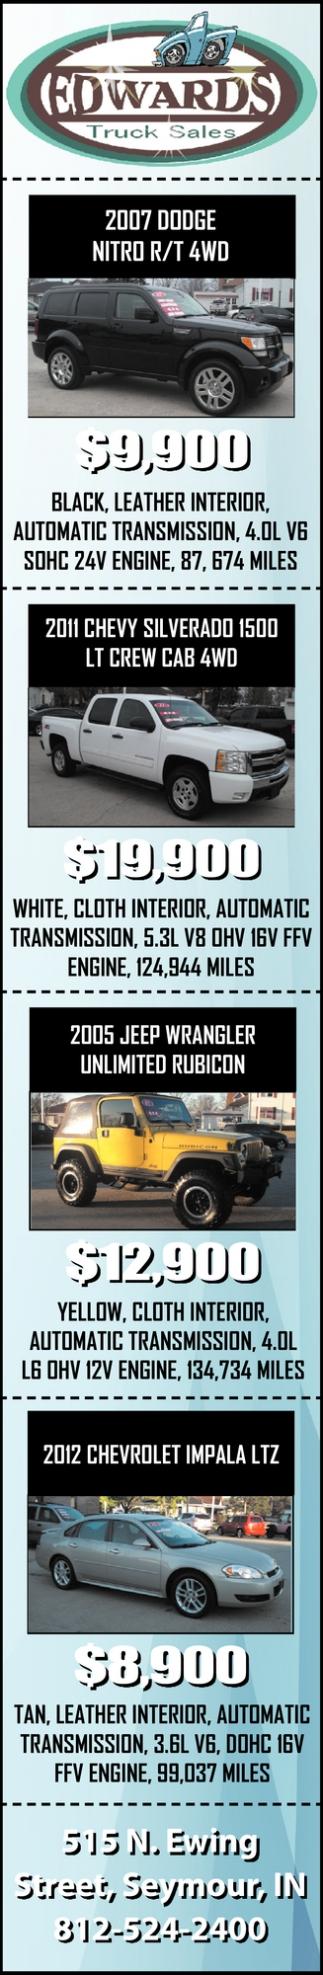 2007 Dodge Nitro R/T 4WD